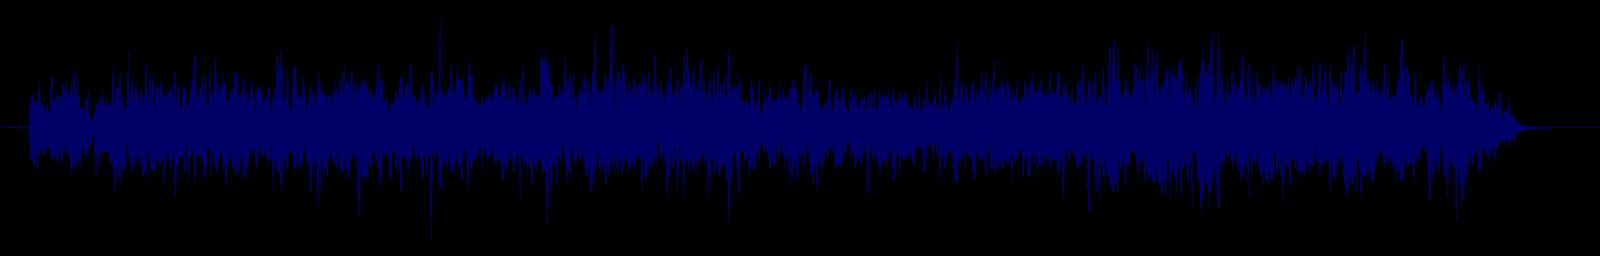 waveform of track #154930